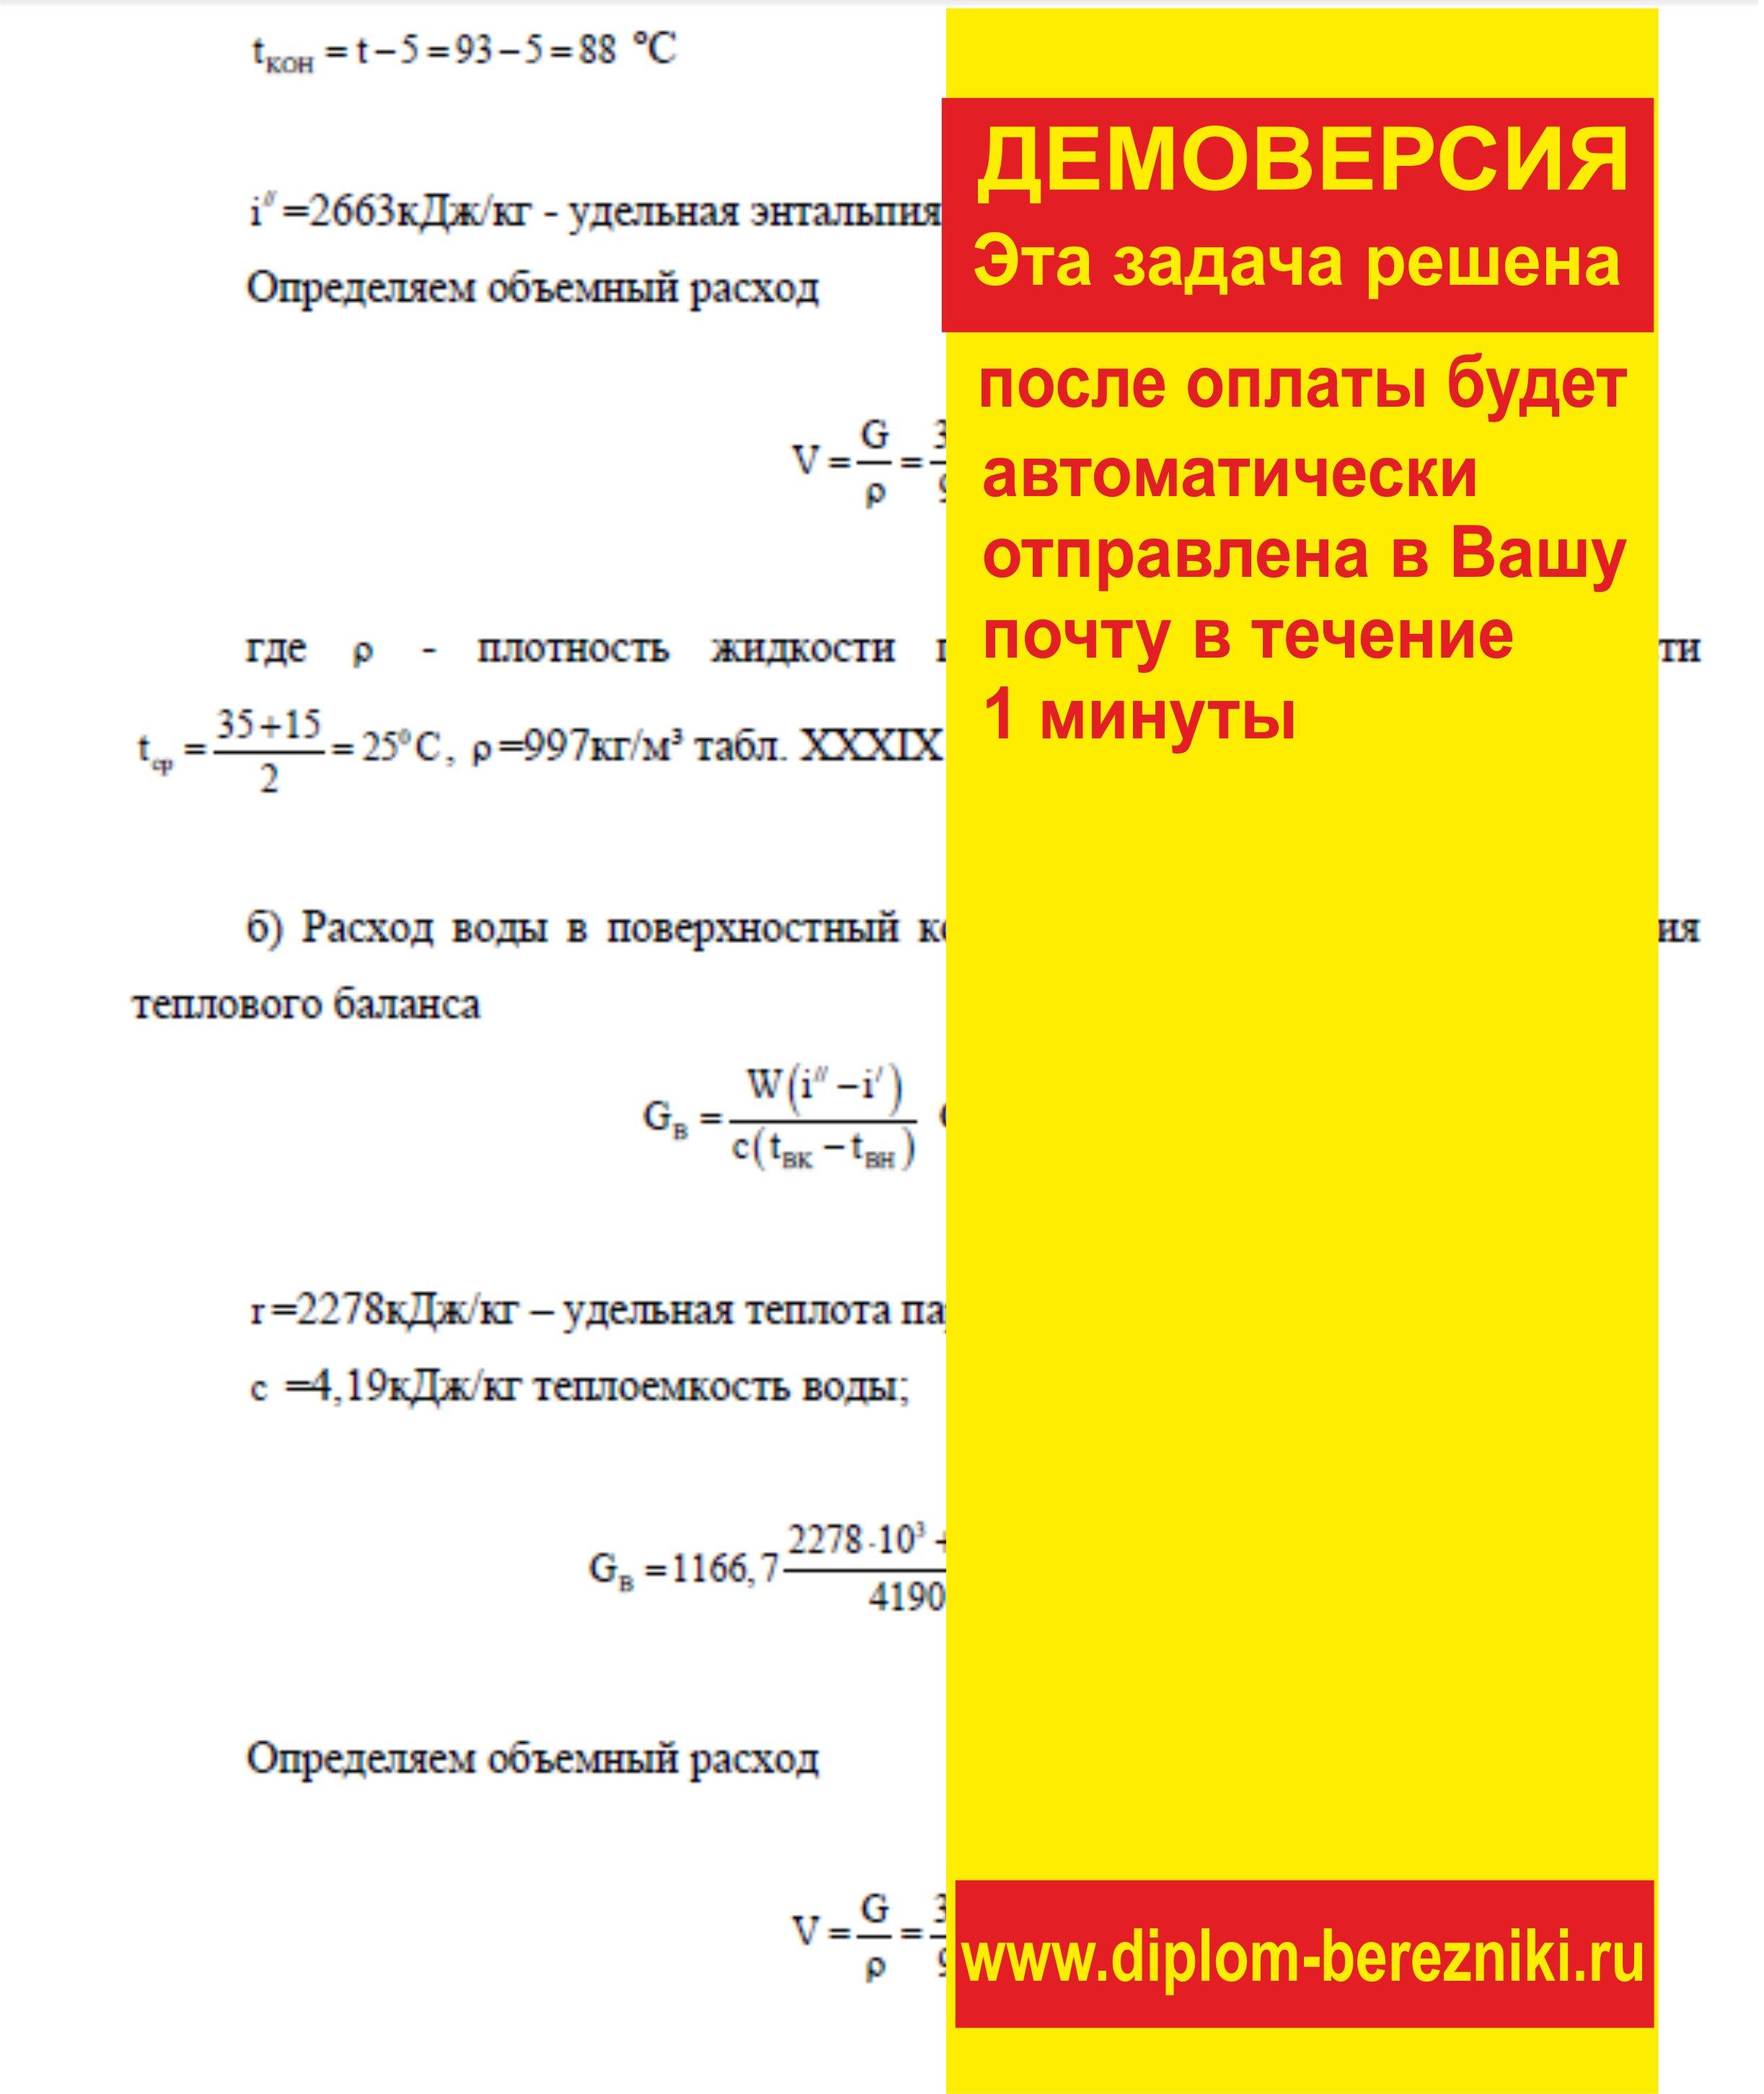 Решение задачи 5.25 по ПАХТ из задачника Павлова Романкова Носкова